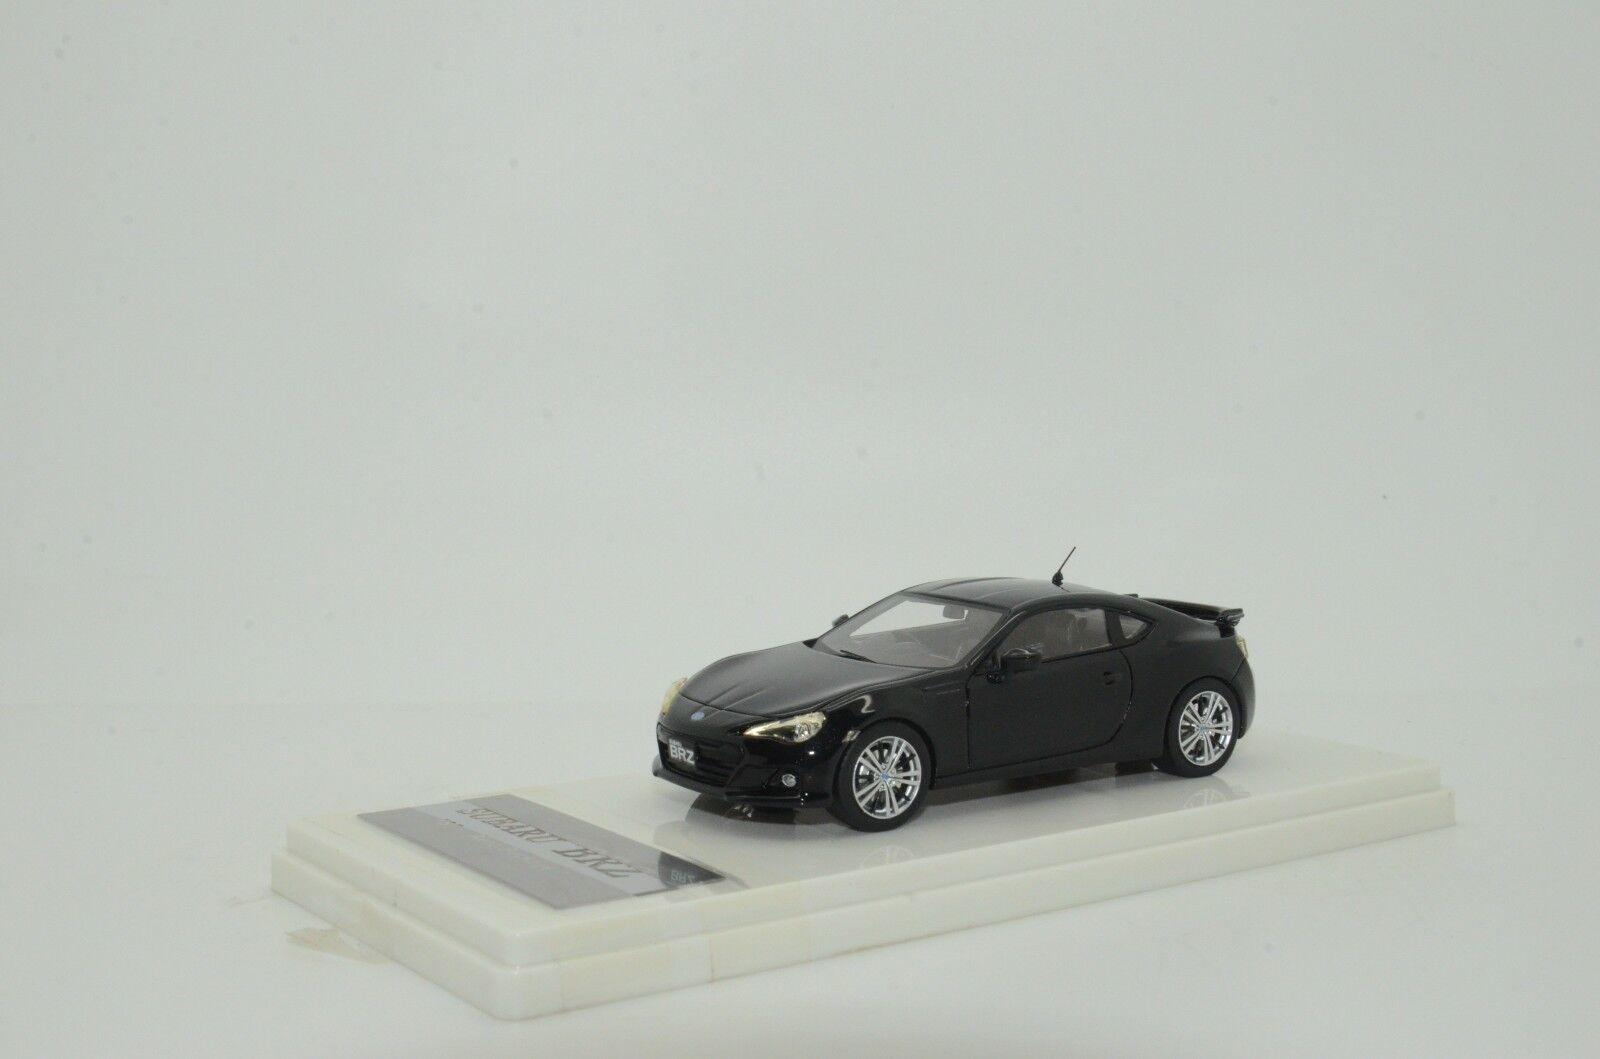 Raro Subaru BRZ  S  Aero Paquete De Cristal nero de sílice Wit's 1 43